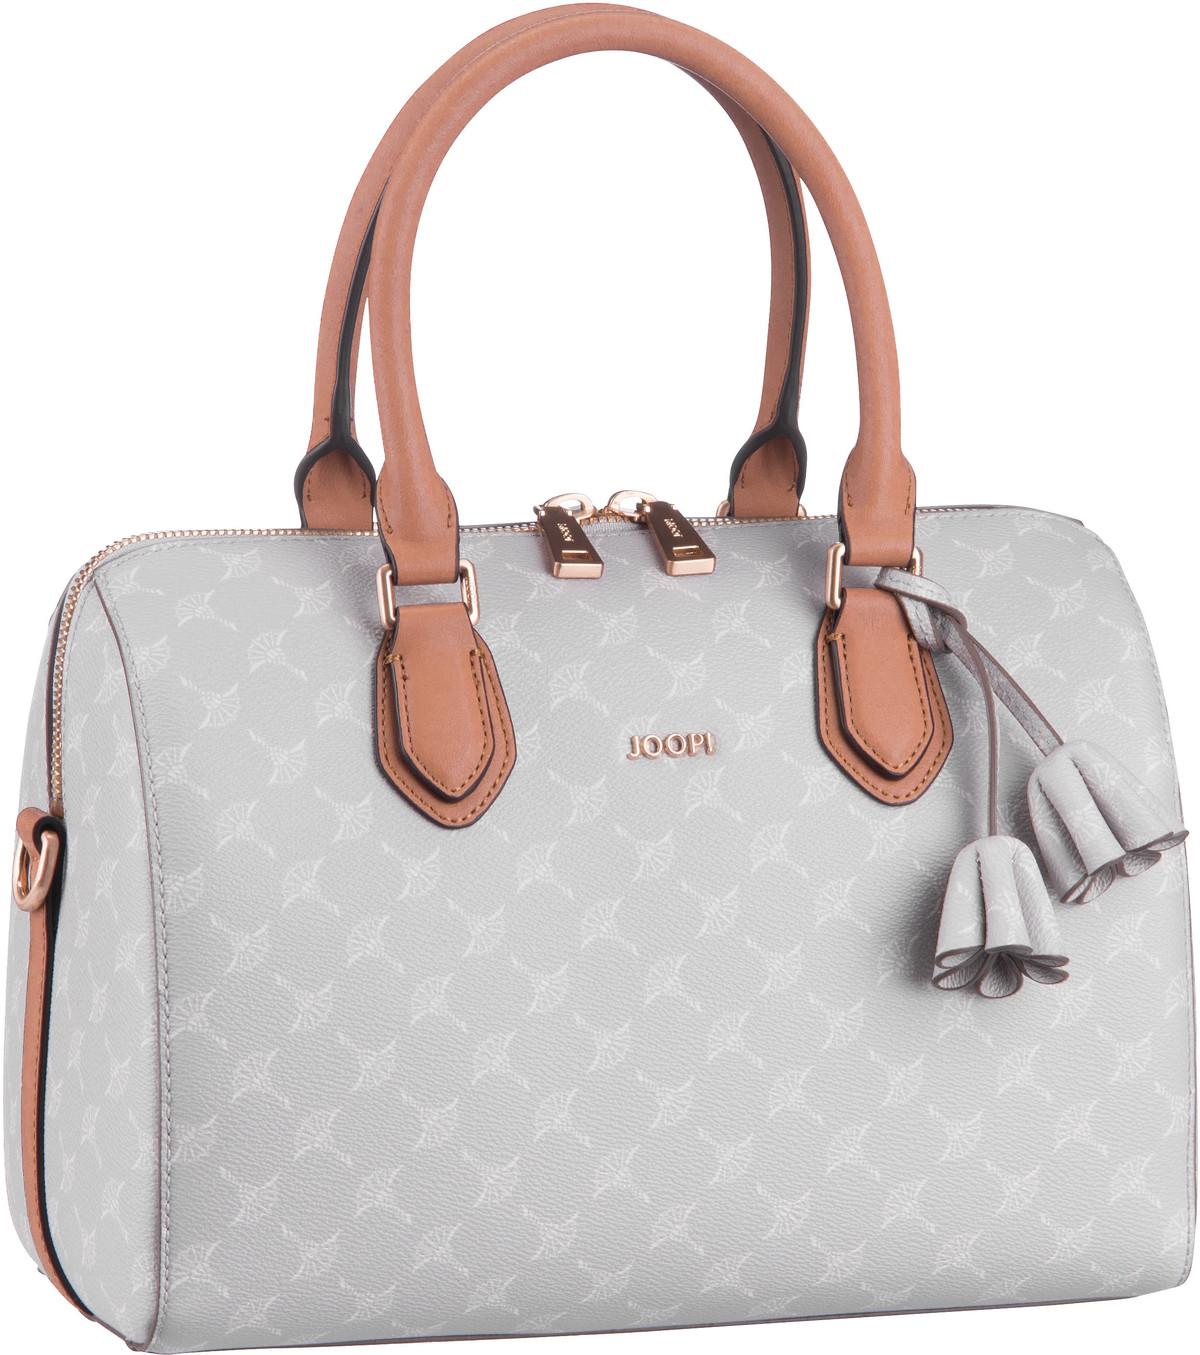 Handtasche Cortina Aurora HandBag SHZ Lightgrey